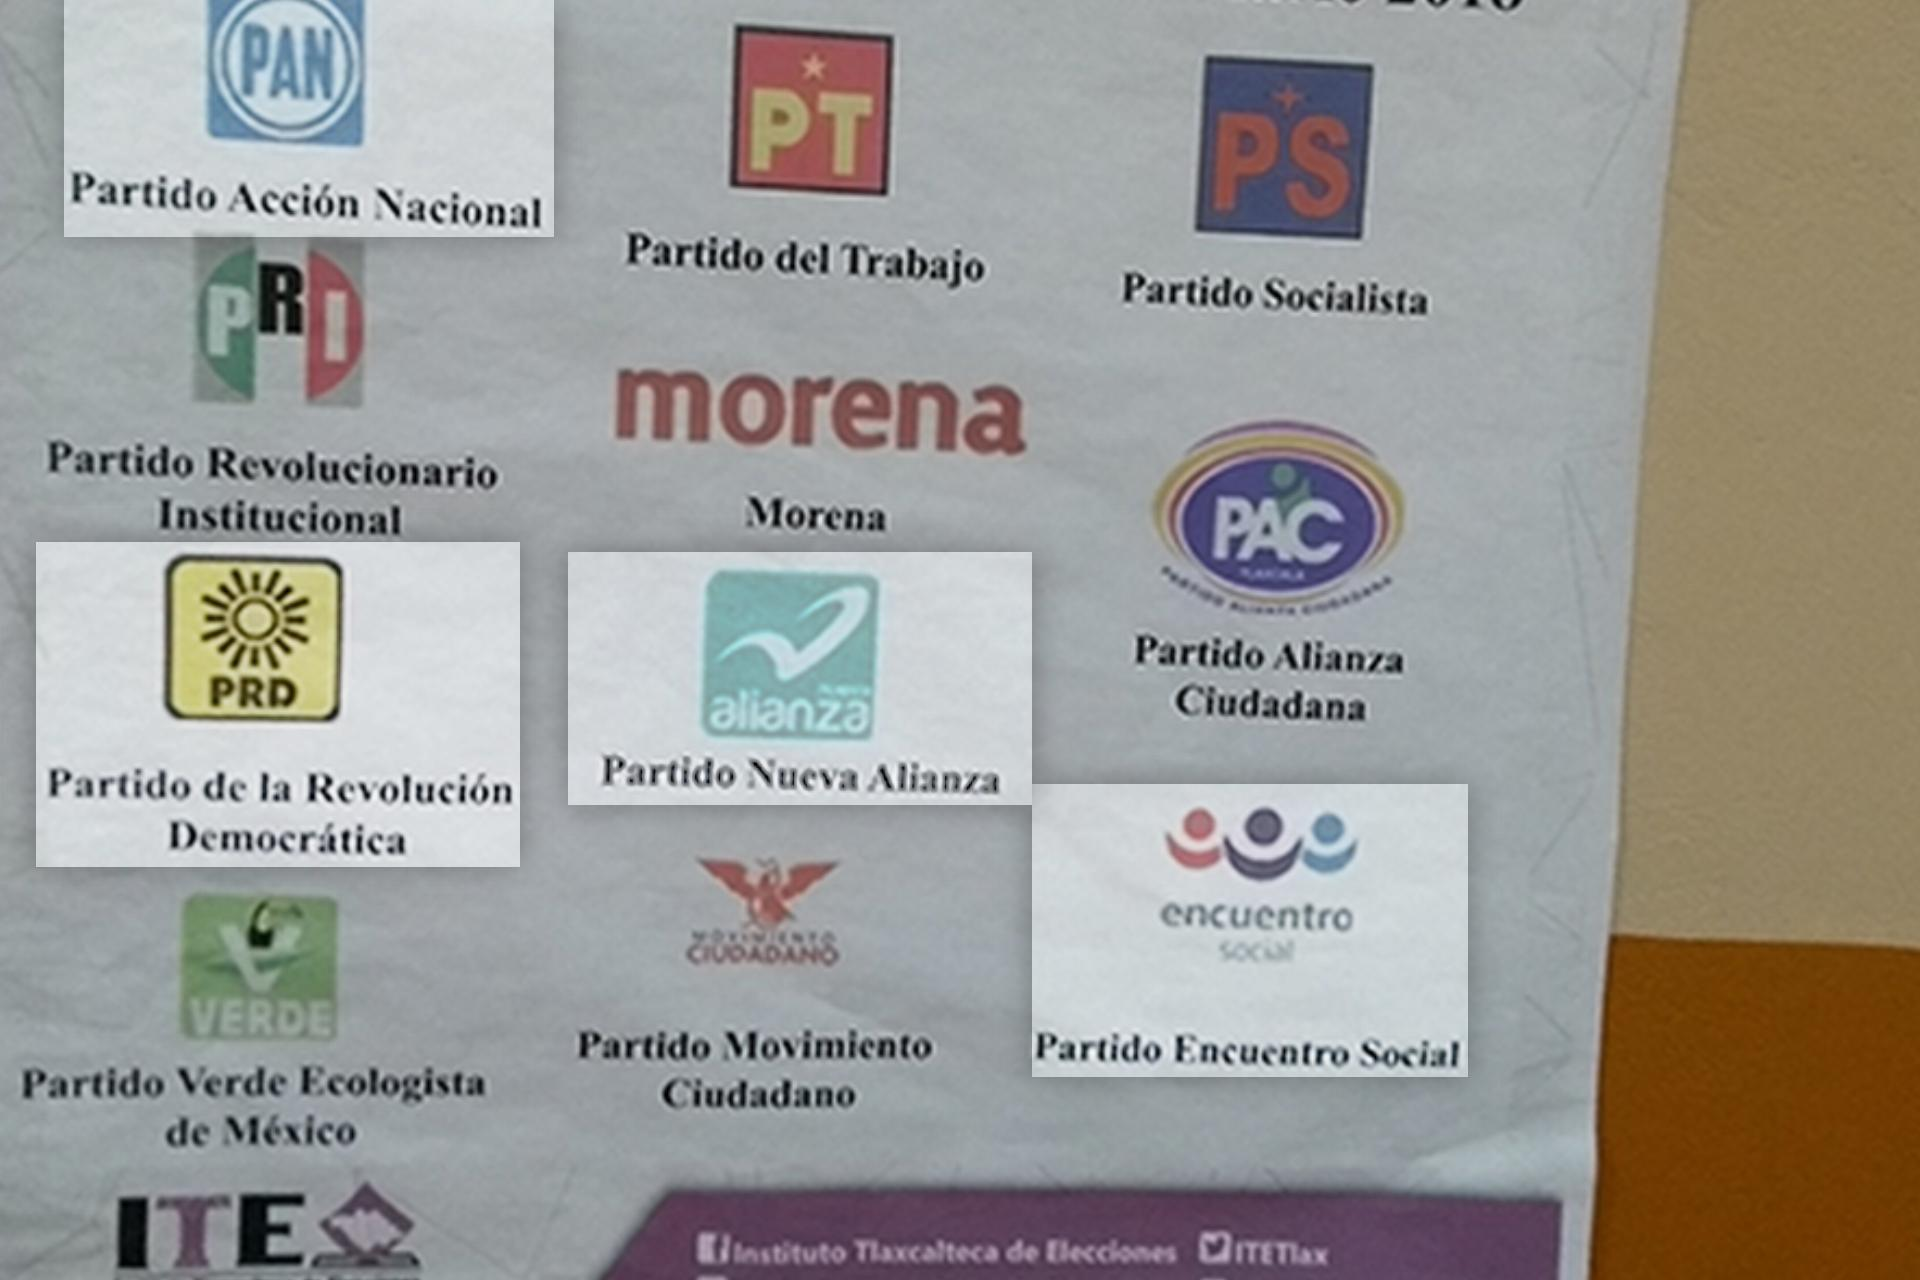 PT-PRI-PVEM-MORENA-PAC-PS-IMPACTO SOCIAL-ENCUENTRO SOLIDARIO-FUERZA POR MÉXICO-REDES SOCIALES PROGRESISTAS-NUEVA ALIANZA-PRI-PAN-Constitución violeta Tlaxcala-3 de 3 contra la violencia de género-Las Constituyentes mx